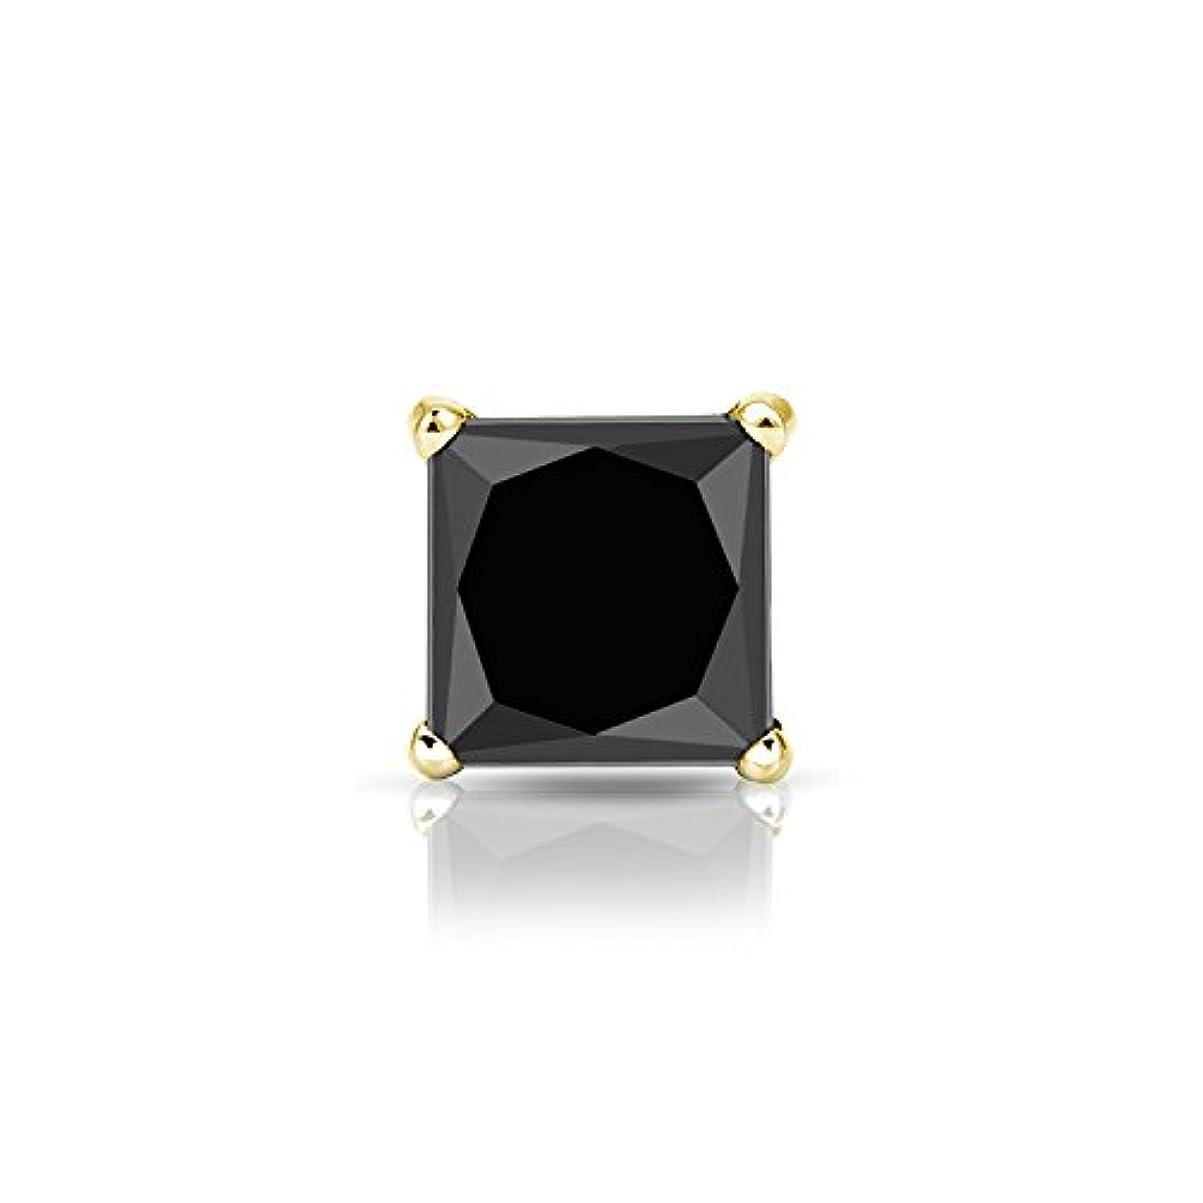 副産物現在寝てる14 Kゴールド4プロングMartiniプリンセスブラックダイヤモンドメンズシングルスタッドイヤリング( 1 / 4 – 2 ct、ブラック) SLB